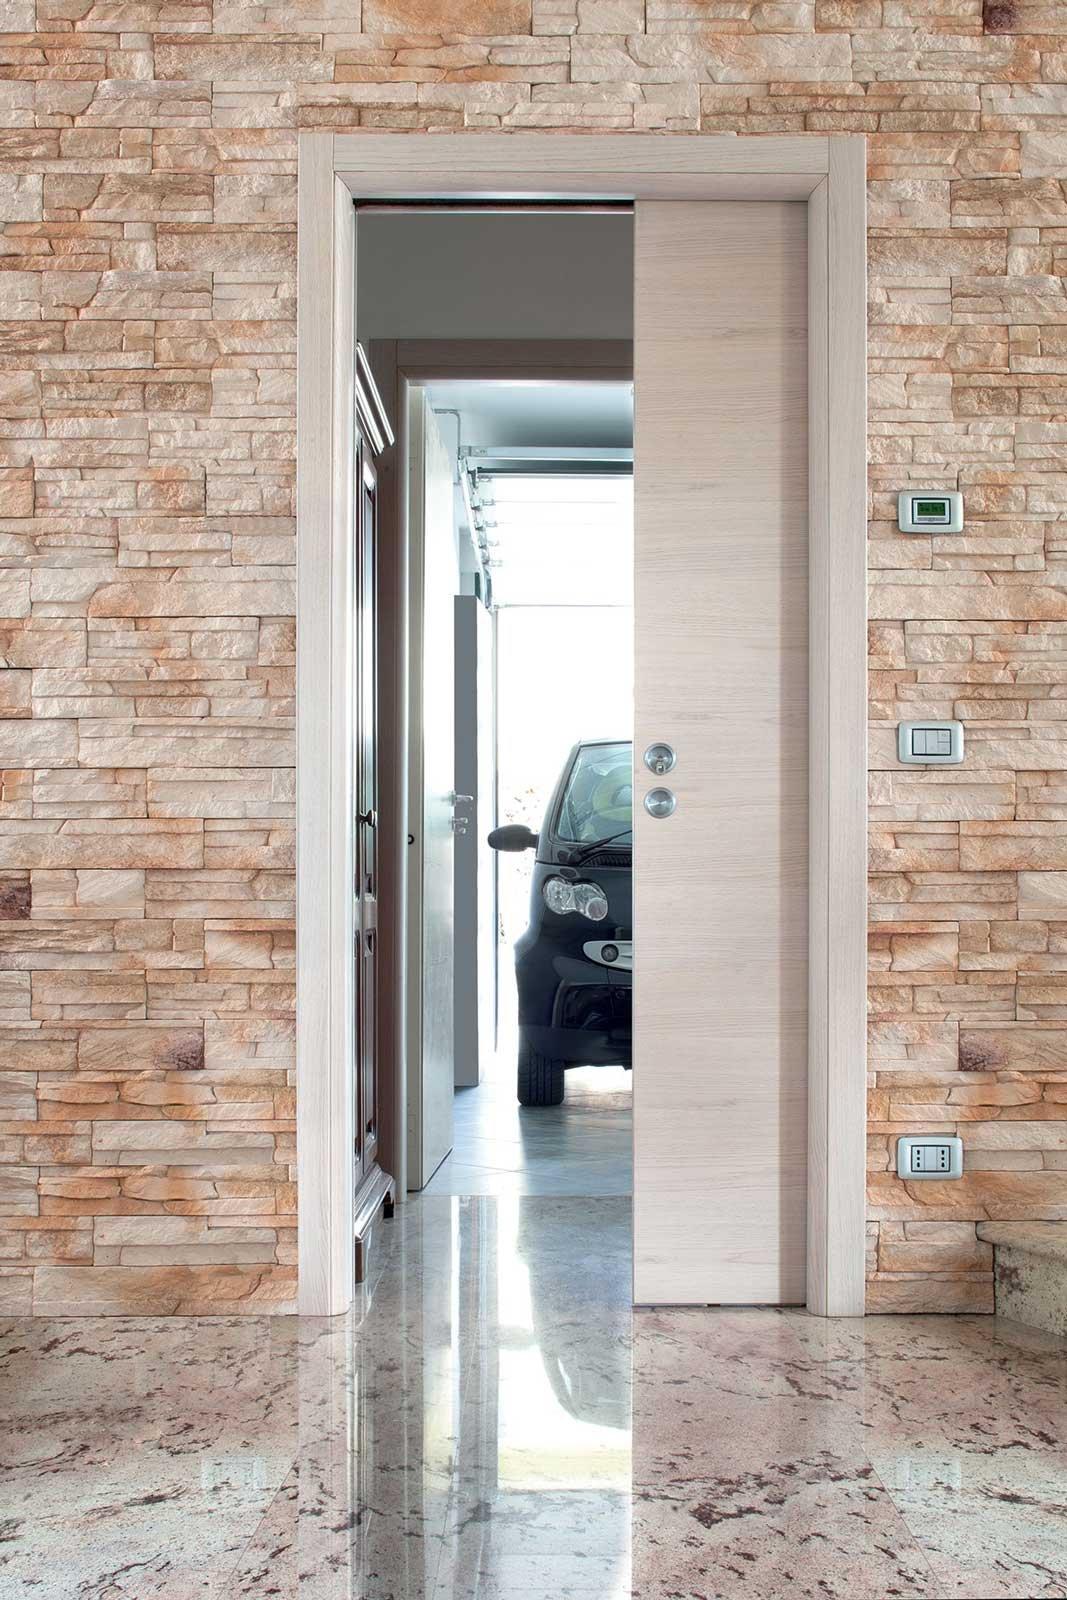 Porte scorrevoli a scomparsa si pu mettere un interruttore sulla parete cose di casa - Costo porta a scrigno ...